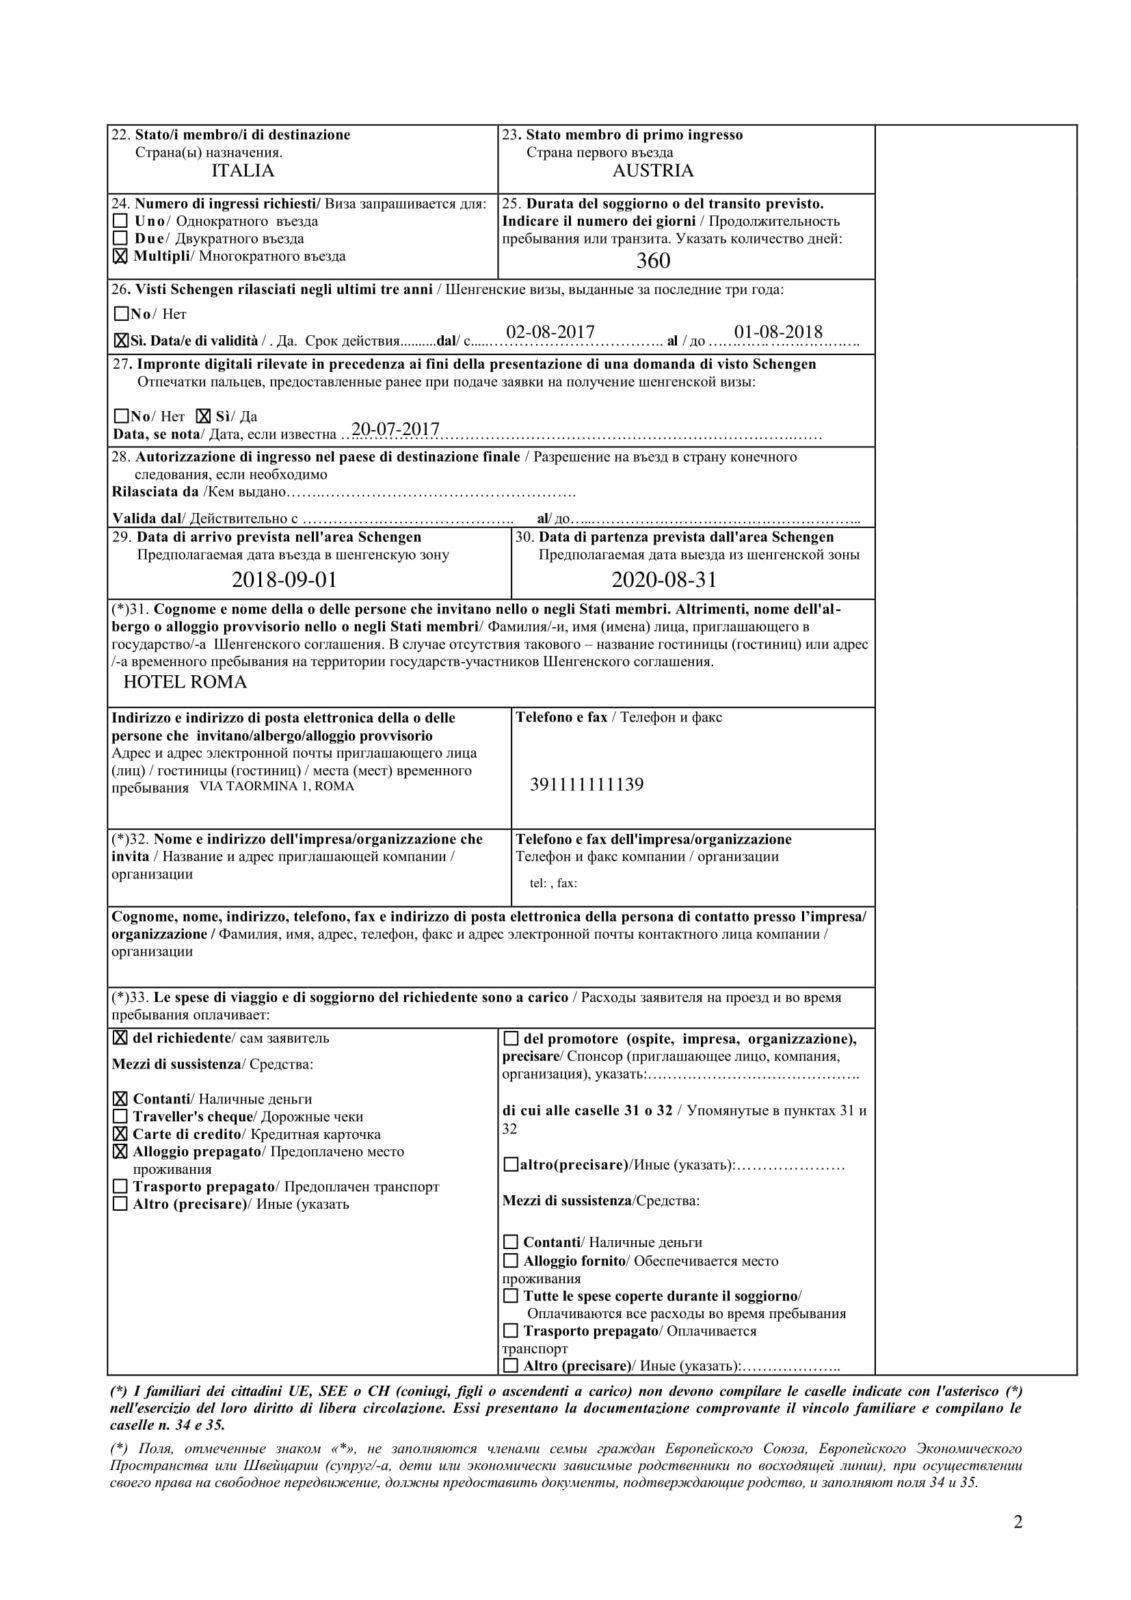 образец анкеты на визу в италию 2